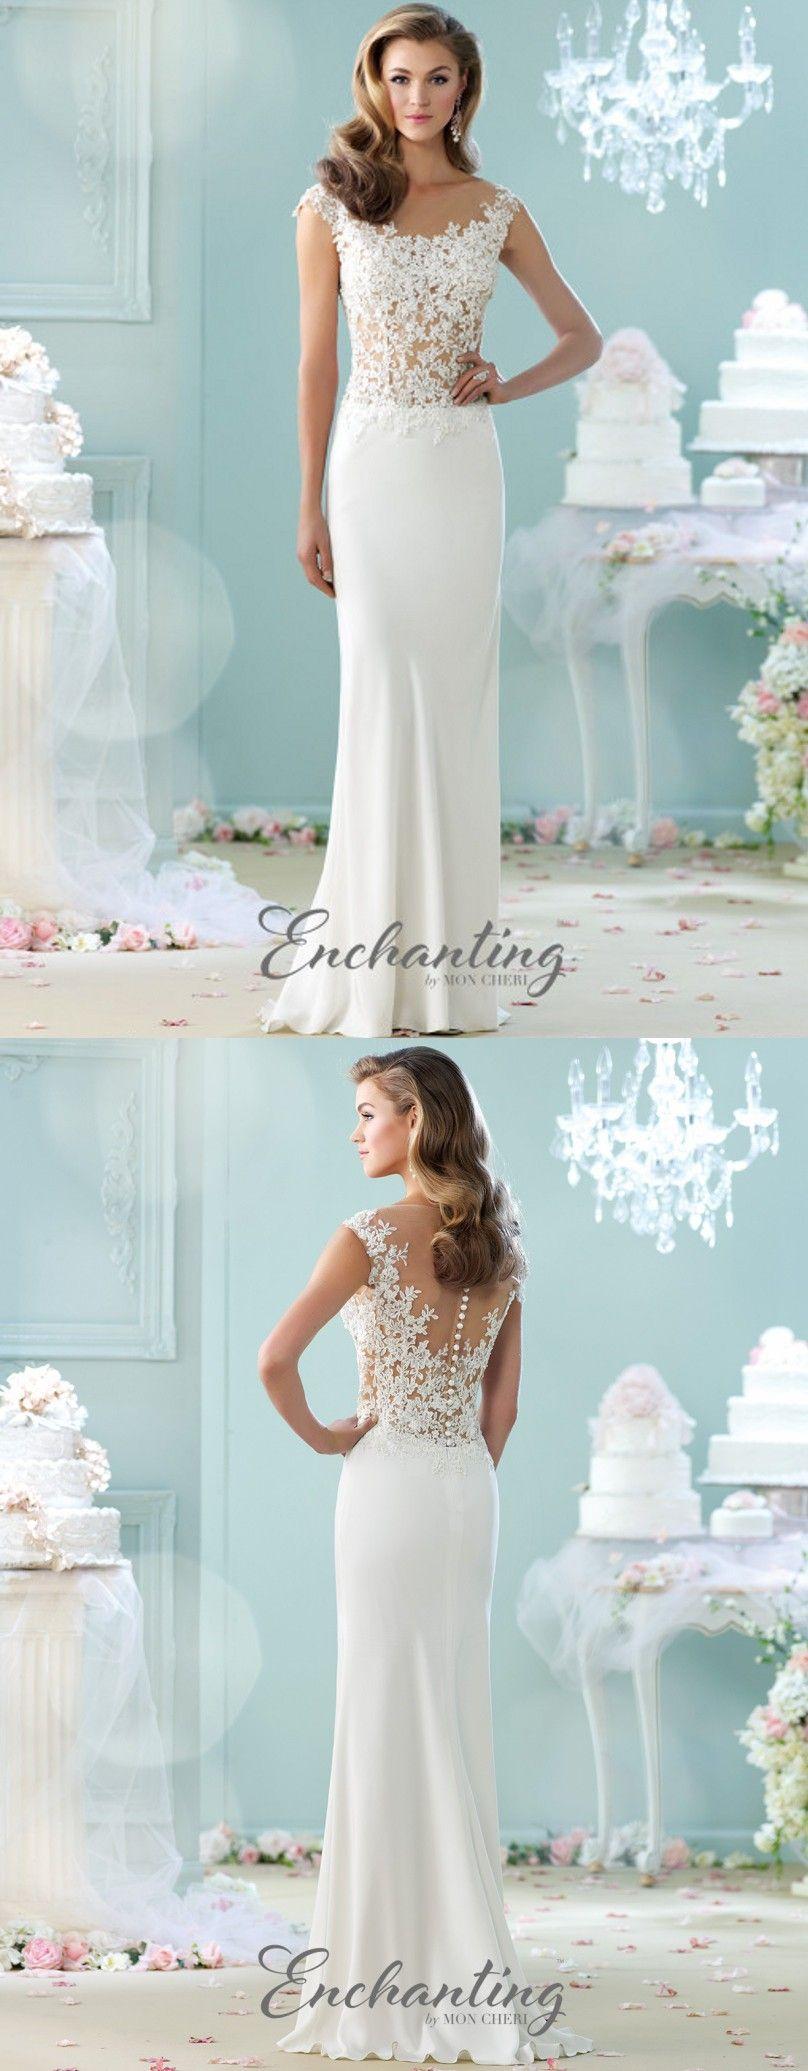 Vestido de noiva em boho bohemian wedding dress bateau